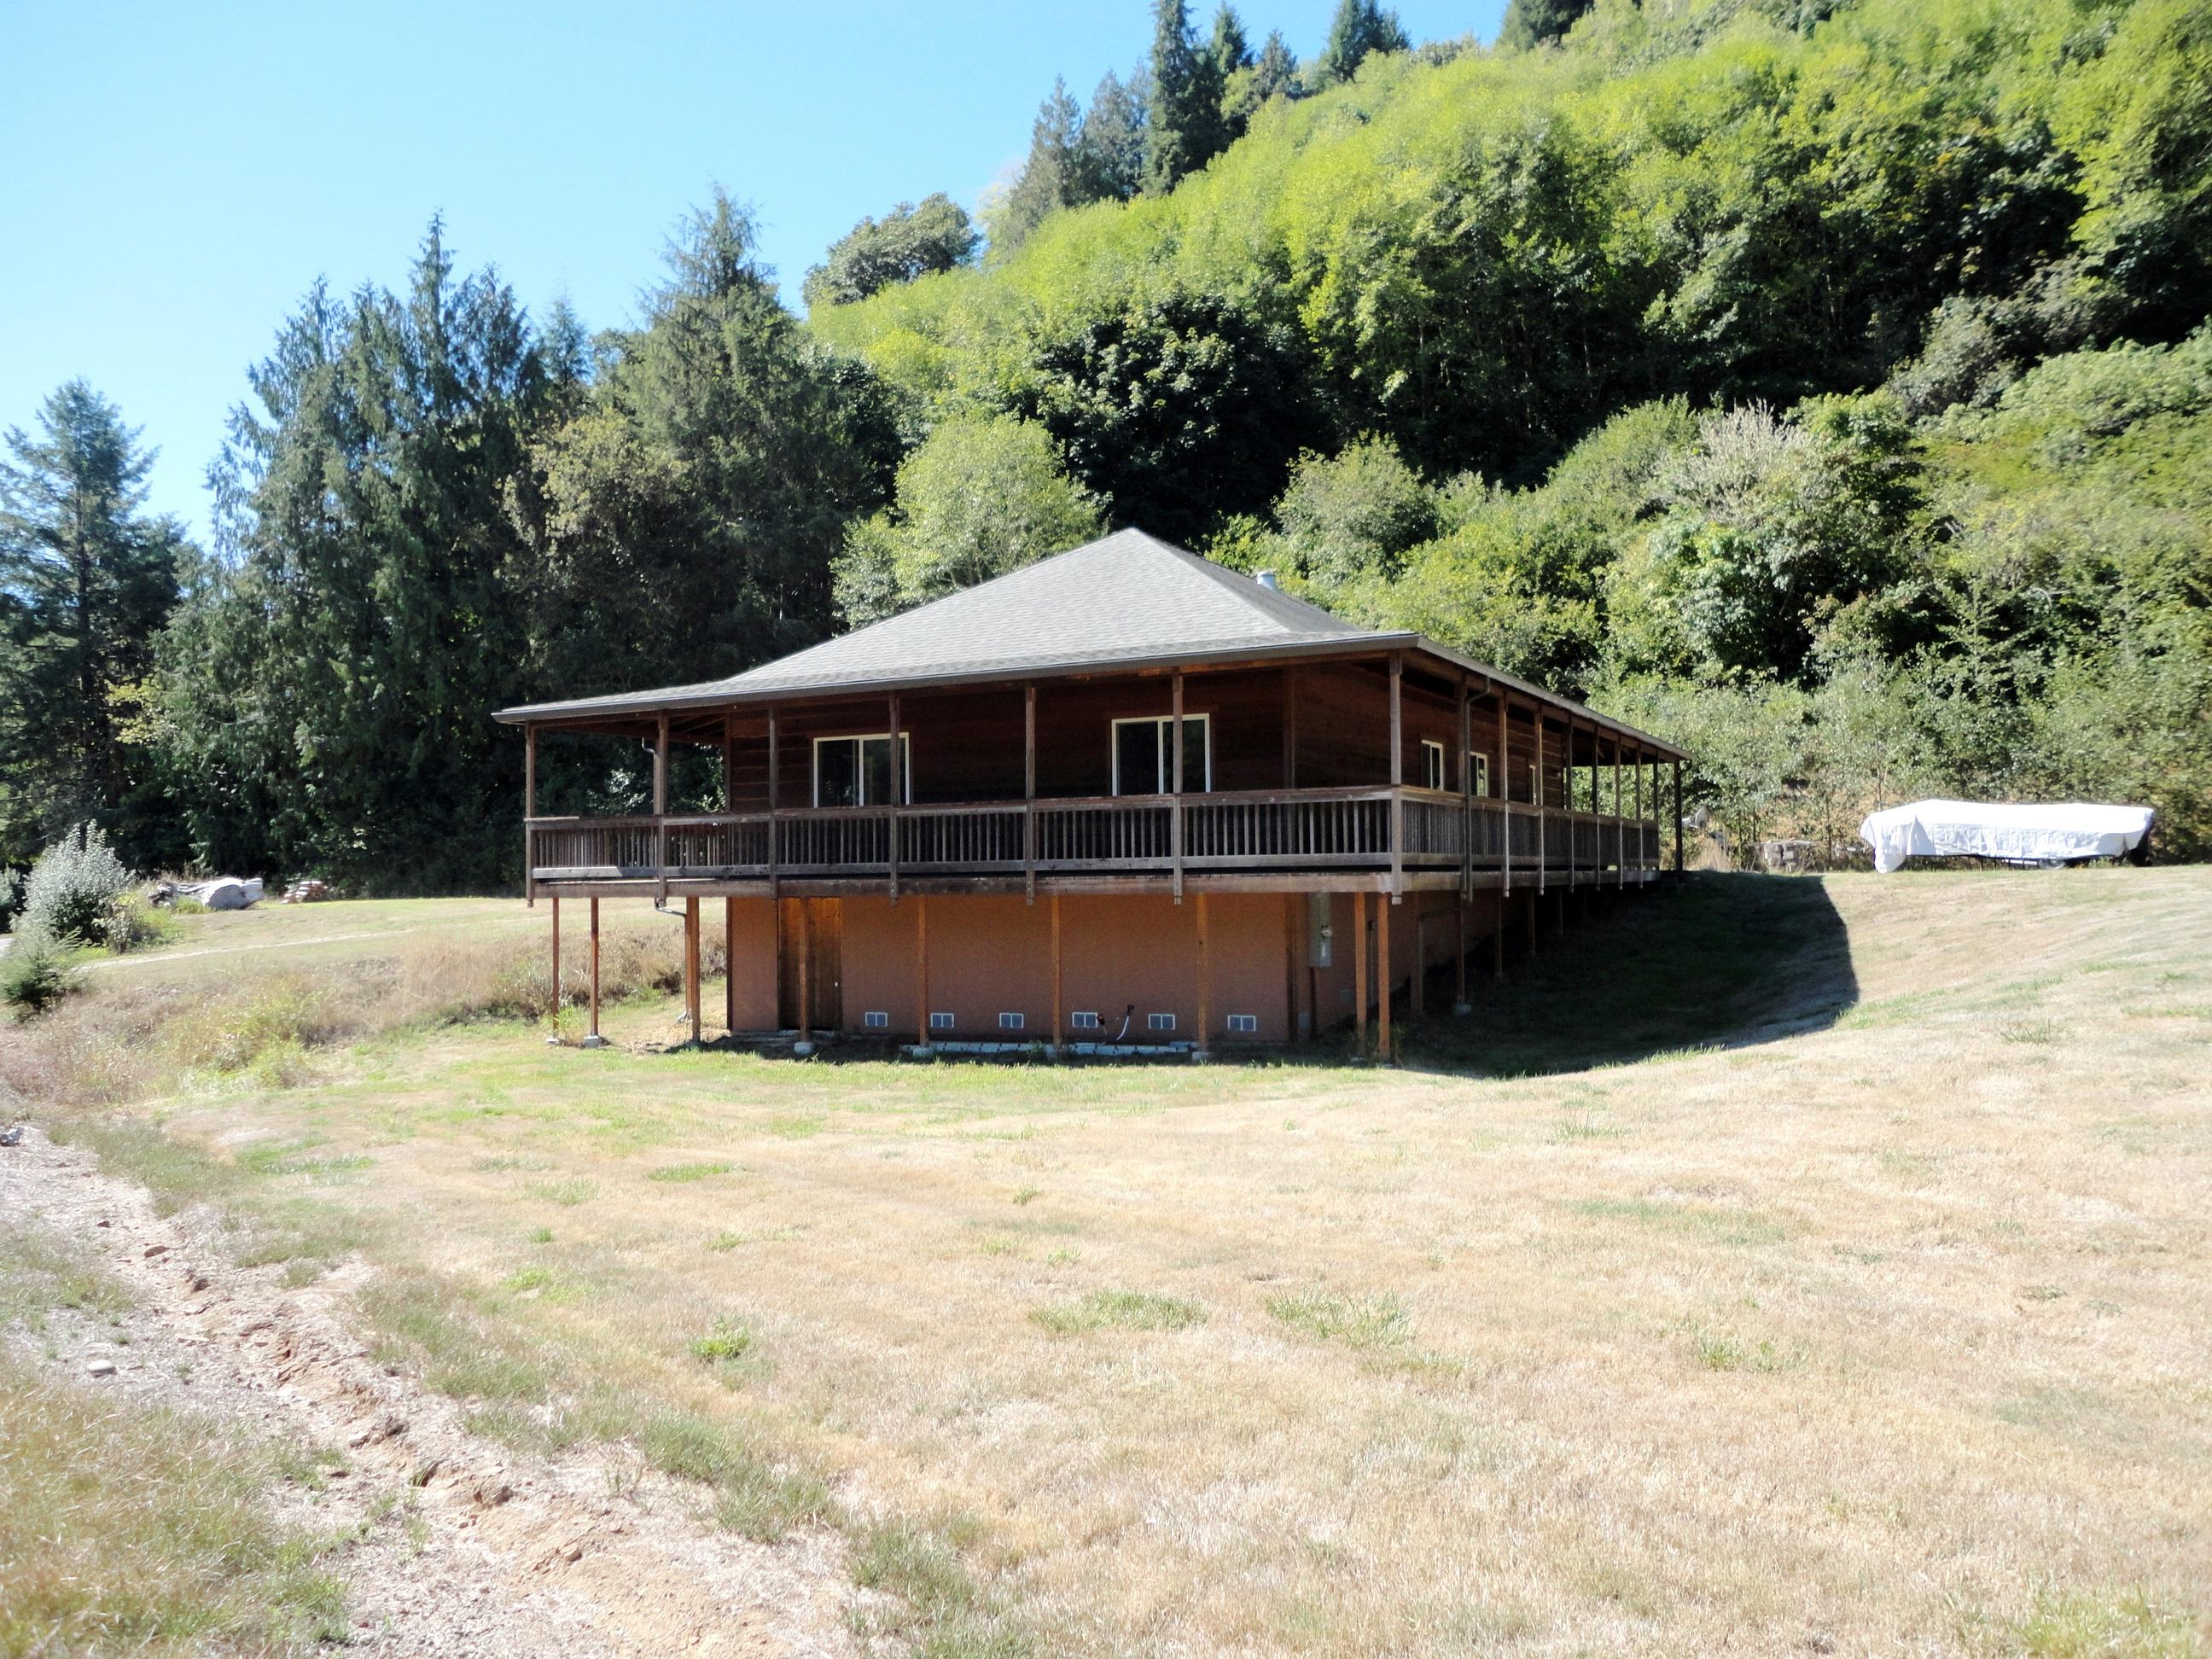 3380 N Fork Smith River Rd, Reedsport, Oregon 97467